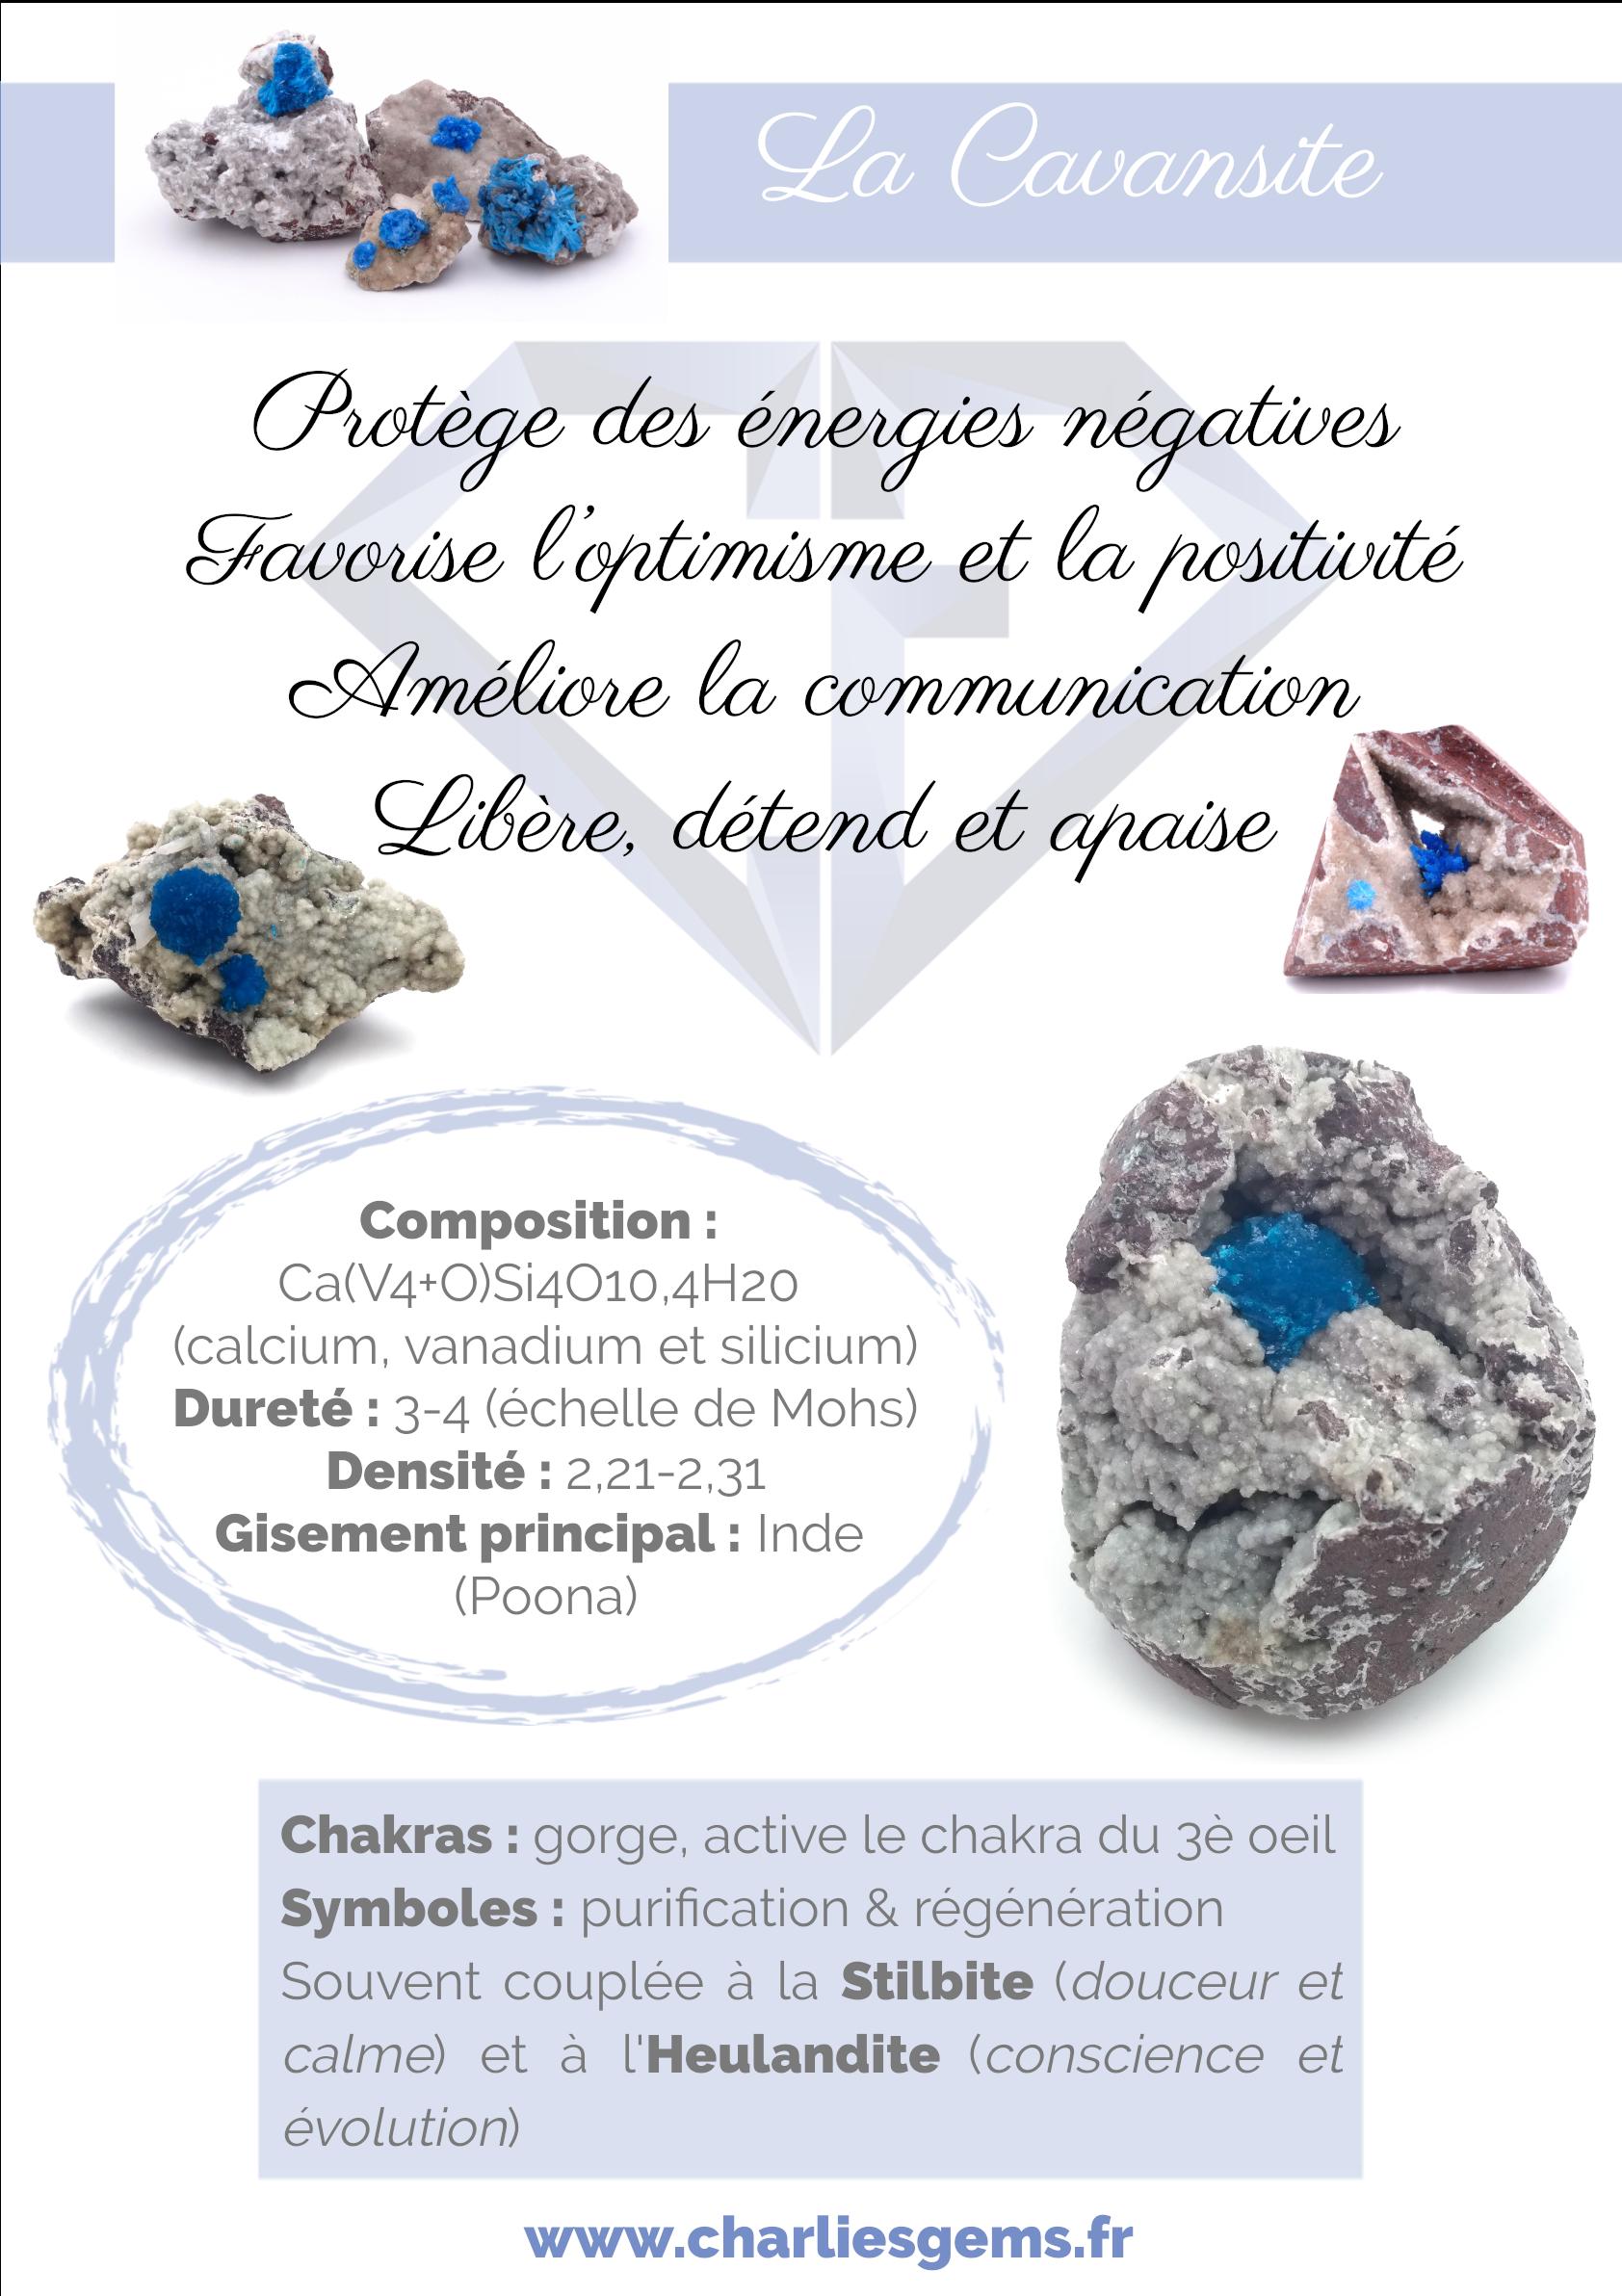 """""""Fiche de présentation de la Cavansite (description, lithothérapie, propriétés) - Par Charlie's Gems"""